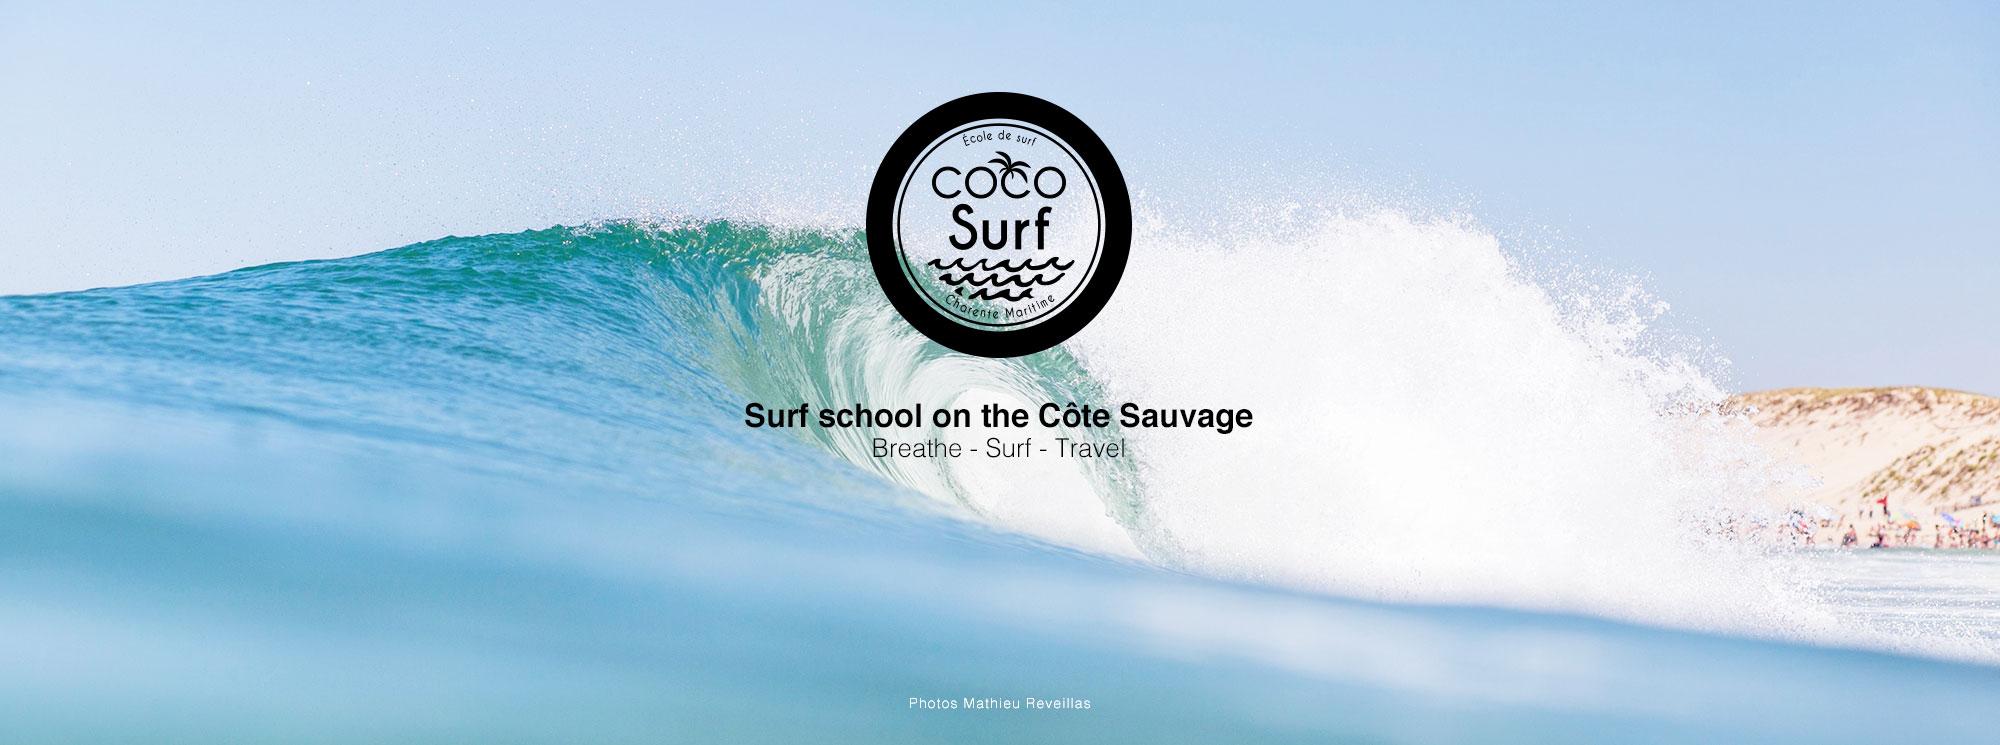 vague parfaite école de surf coco surf